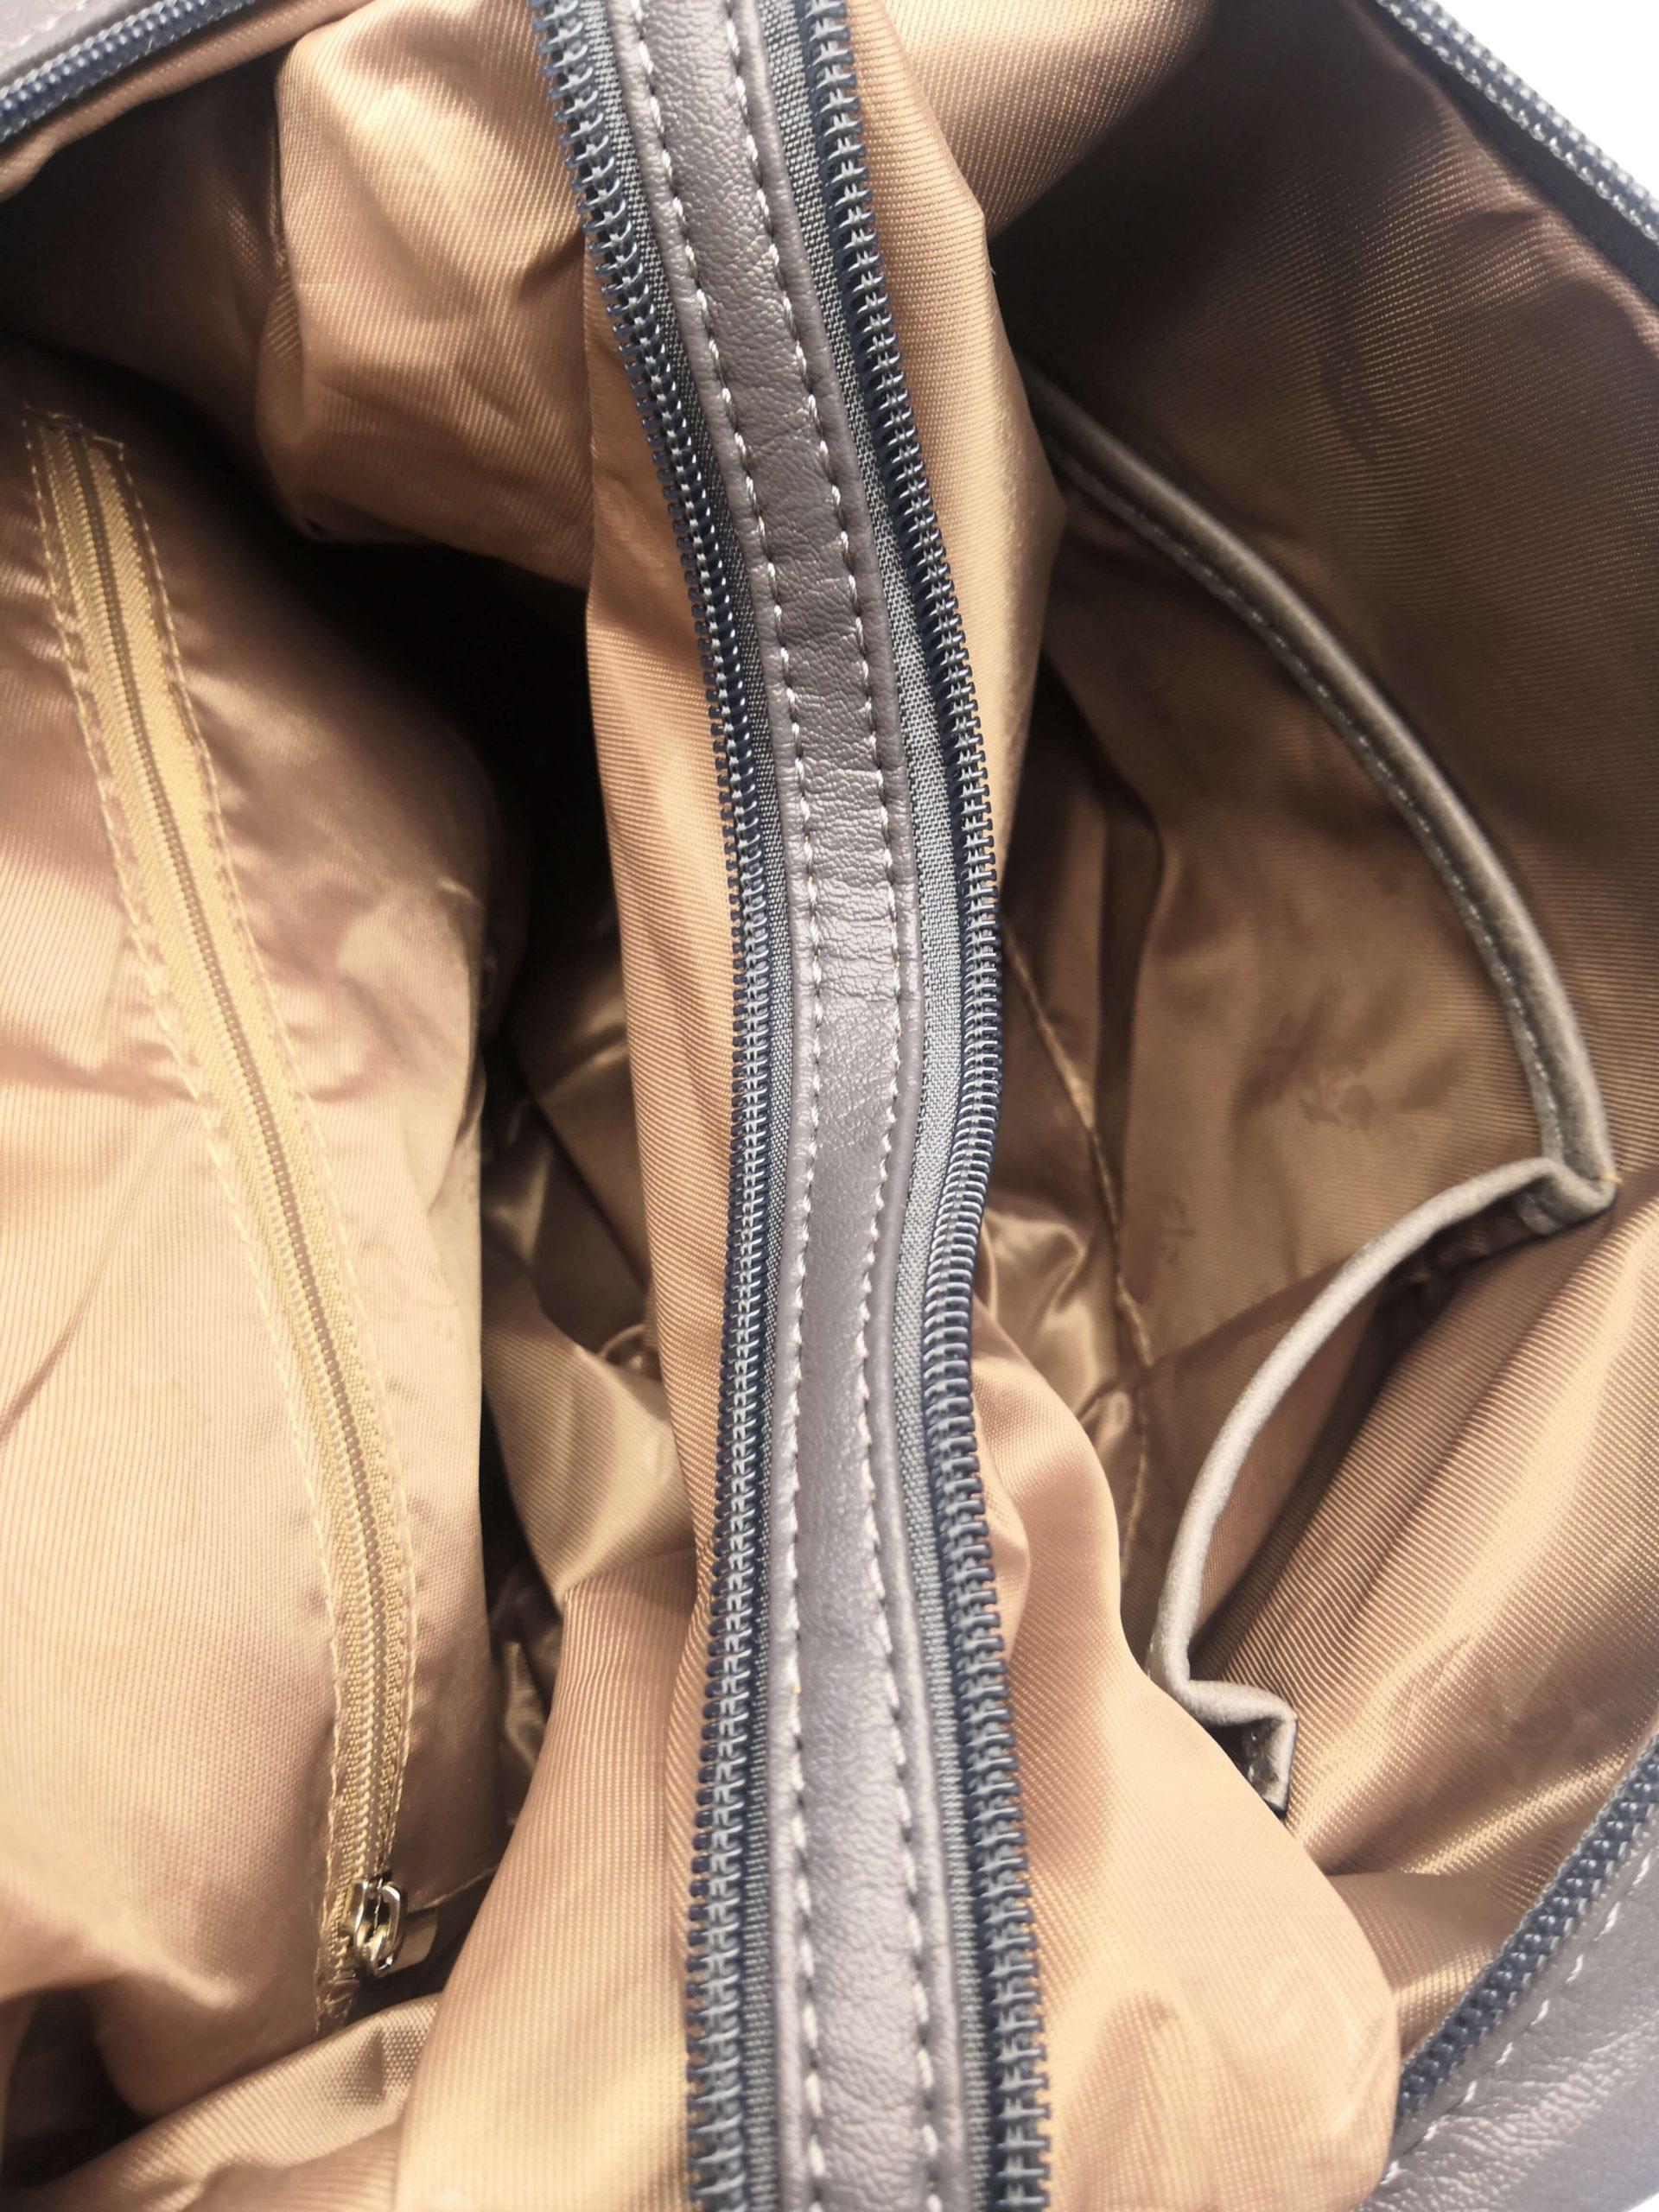 Praktický dámský kabelko-batoh s kapsami Tapple H181177 tmavě šedý vnitřní polstrování